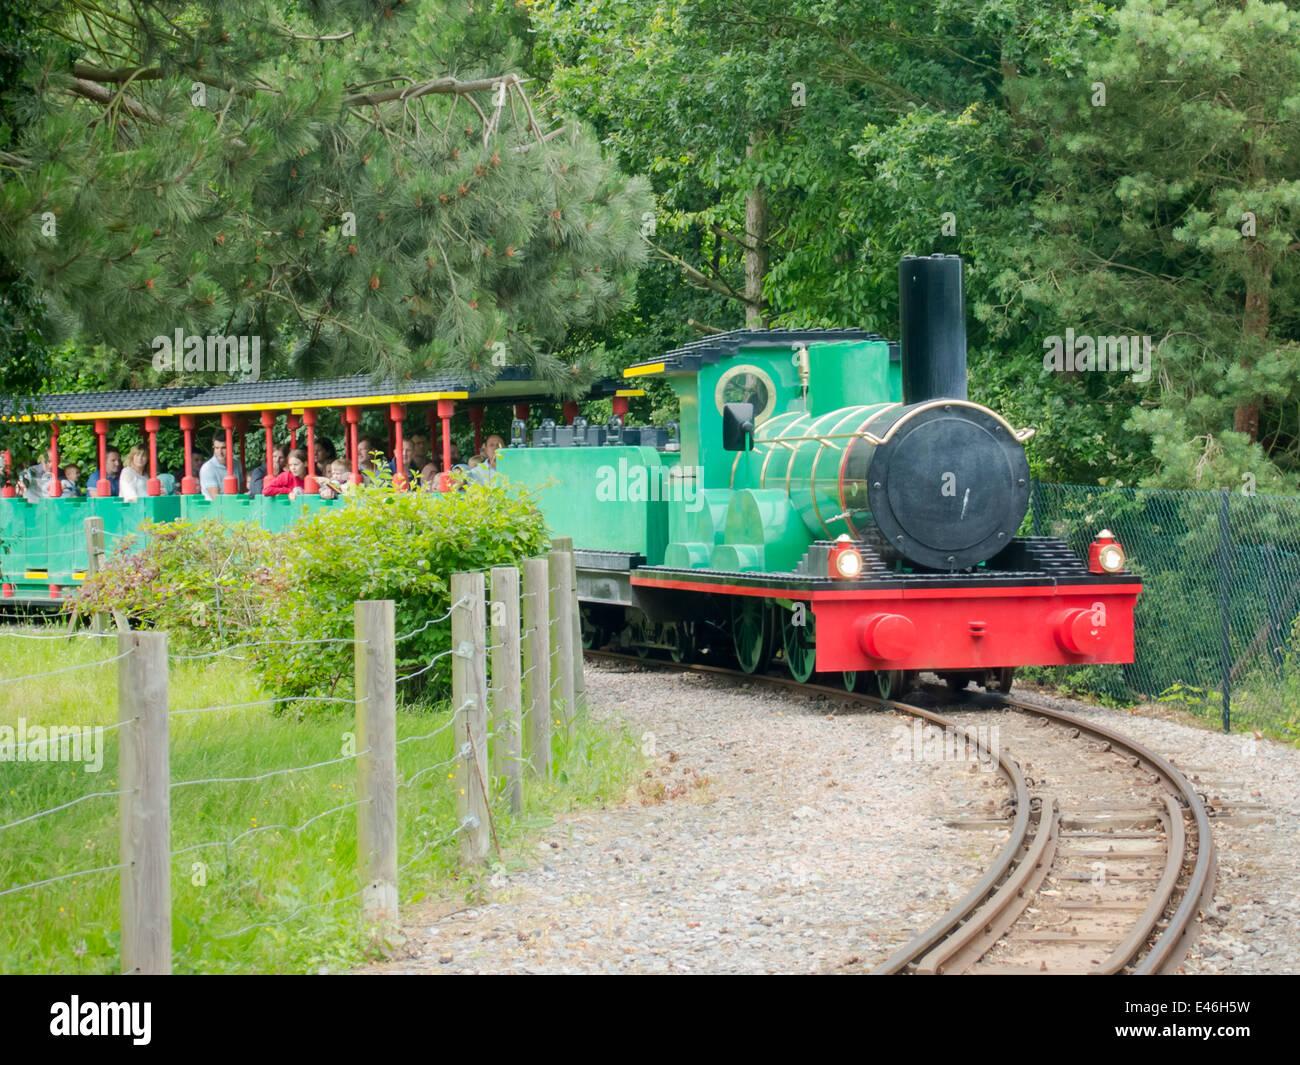 Train at Legoland Windsor, England Stock Photo: 71445301 ...